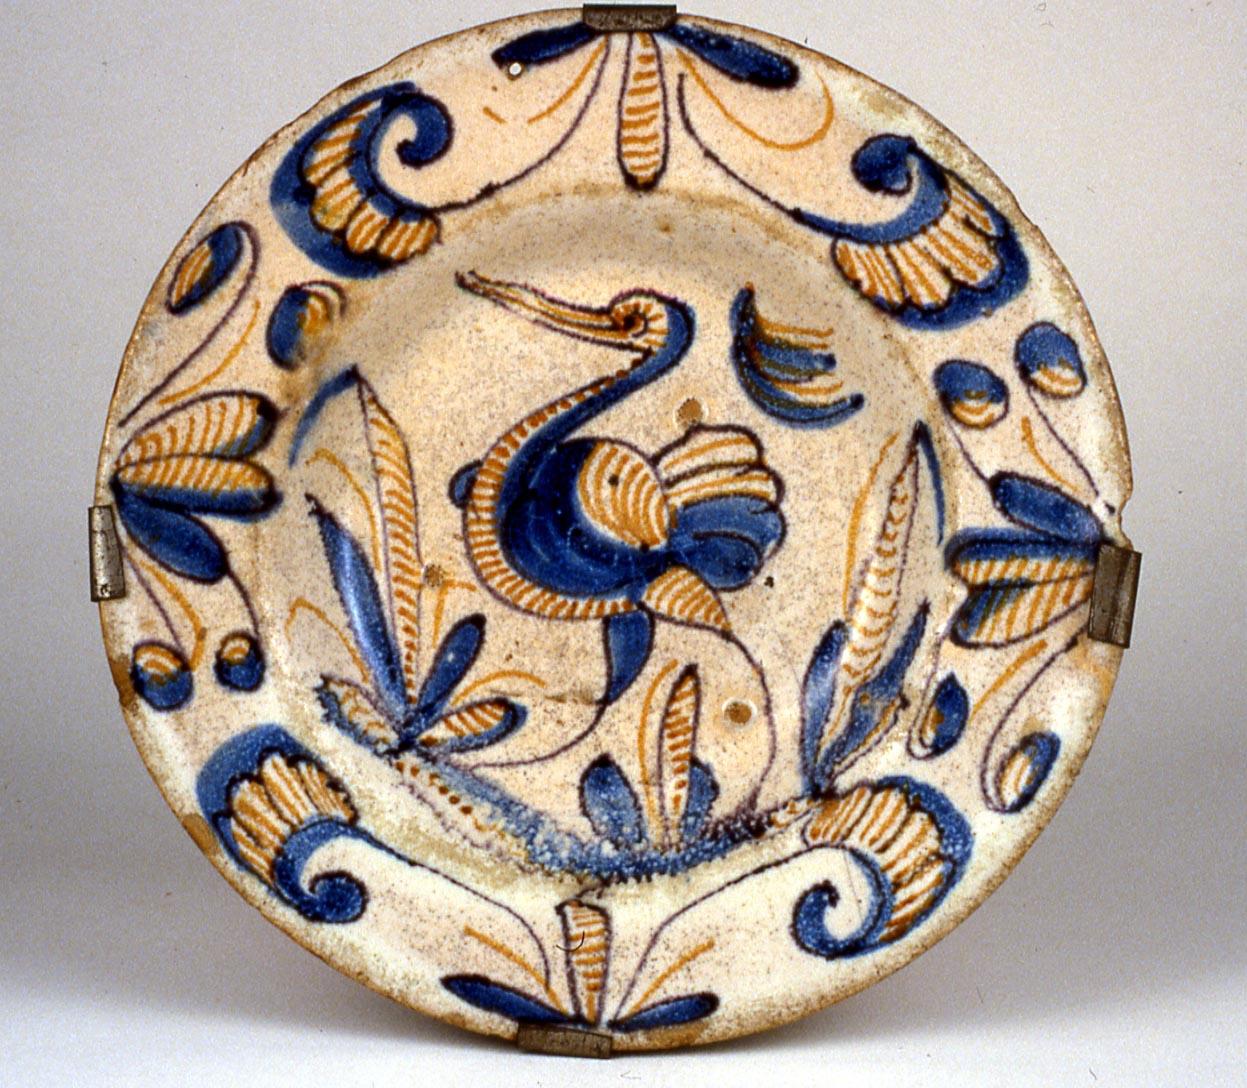 Tasadora oficial de arte y antig edades cer mica - Talavera dela reina ceramica ...